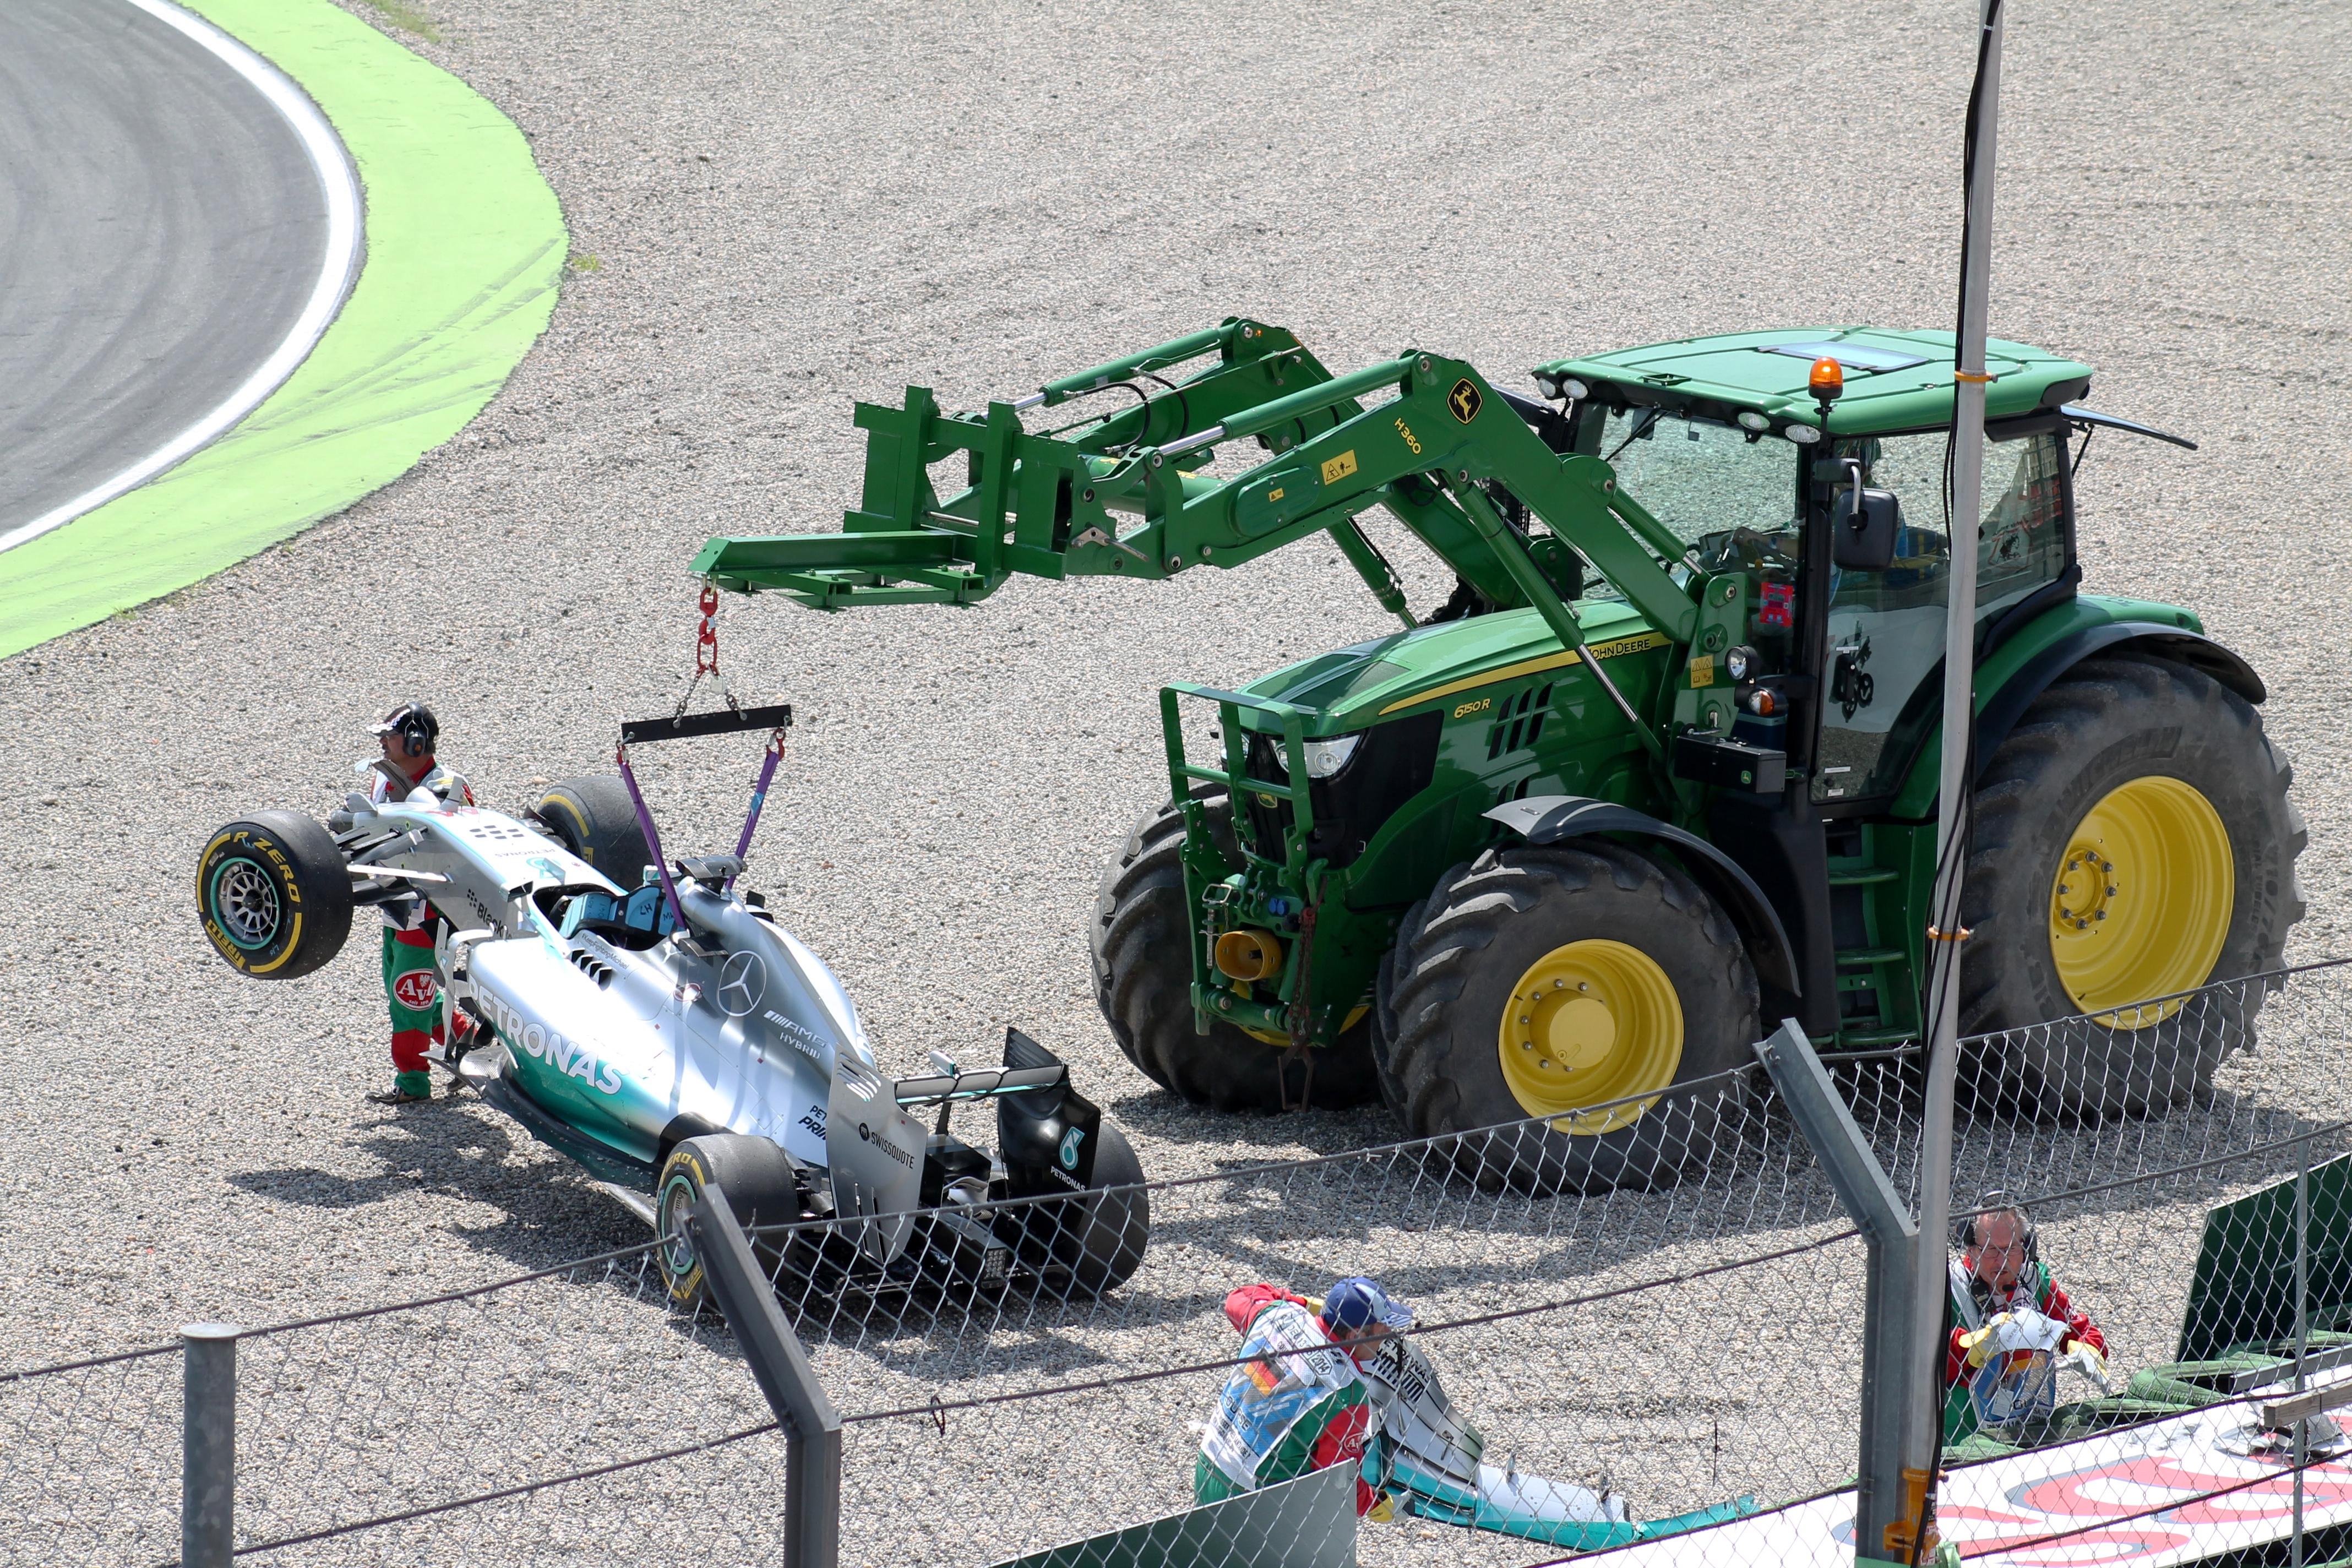 [Imagen: Hockenheim_2014_-_Hamilton_qualifying_crash.JPG]